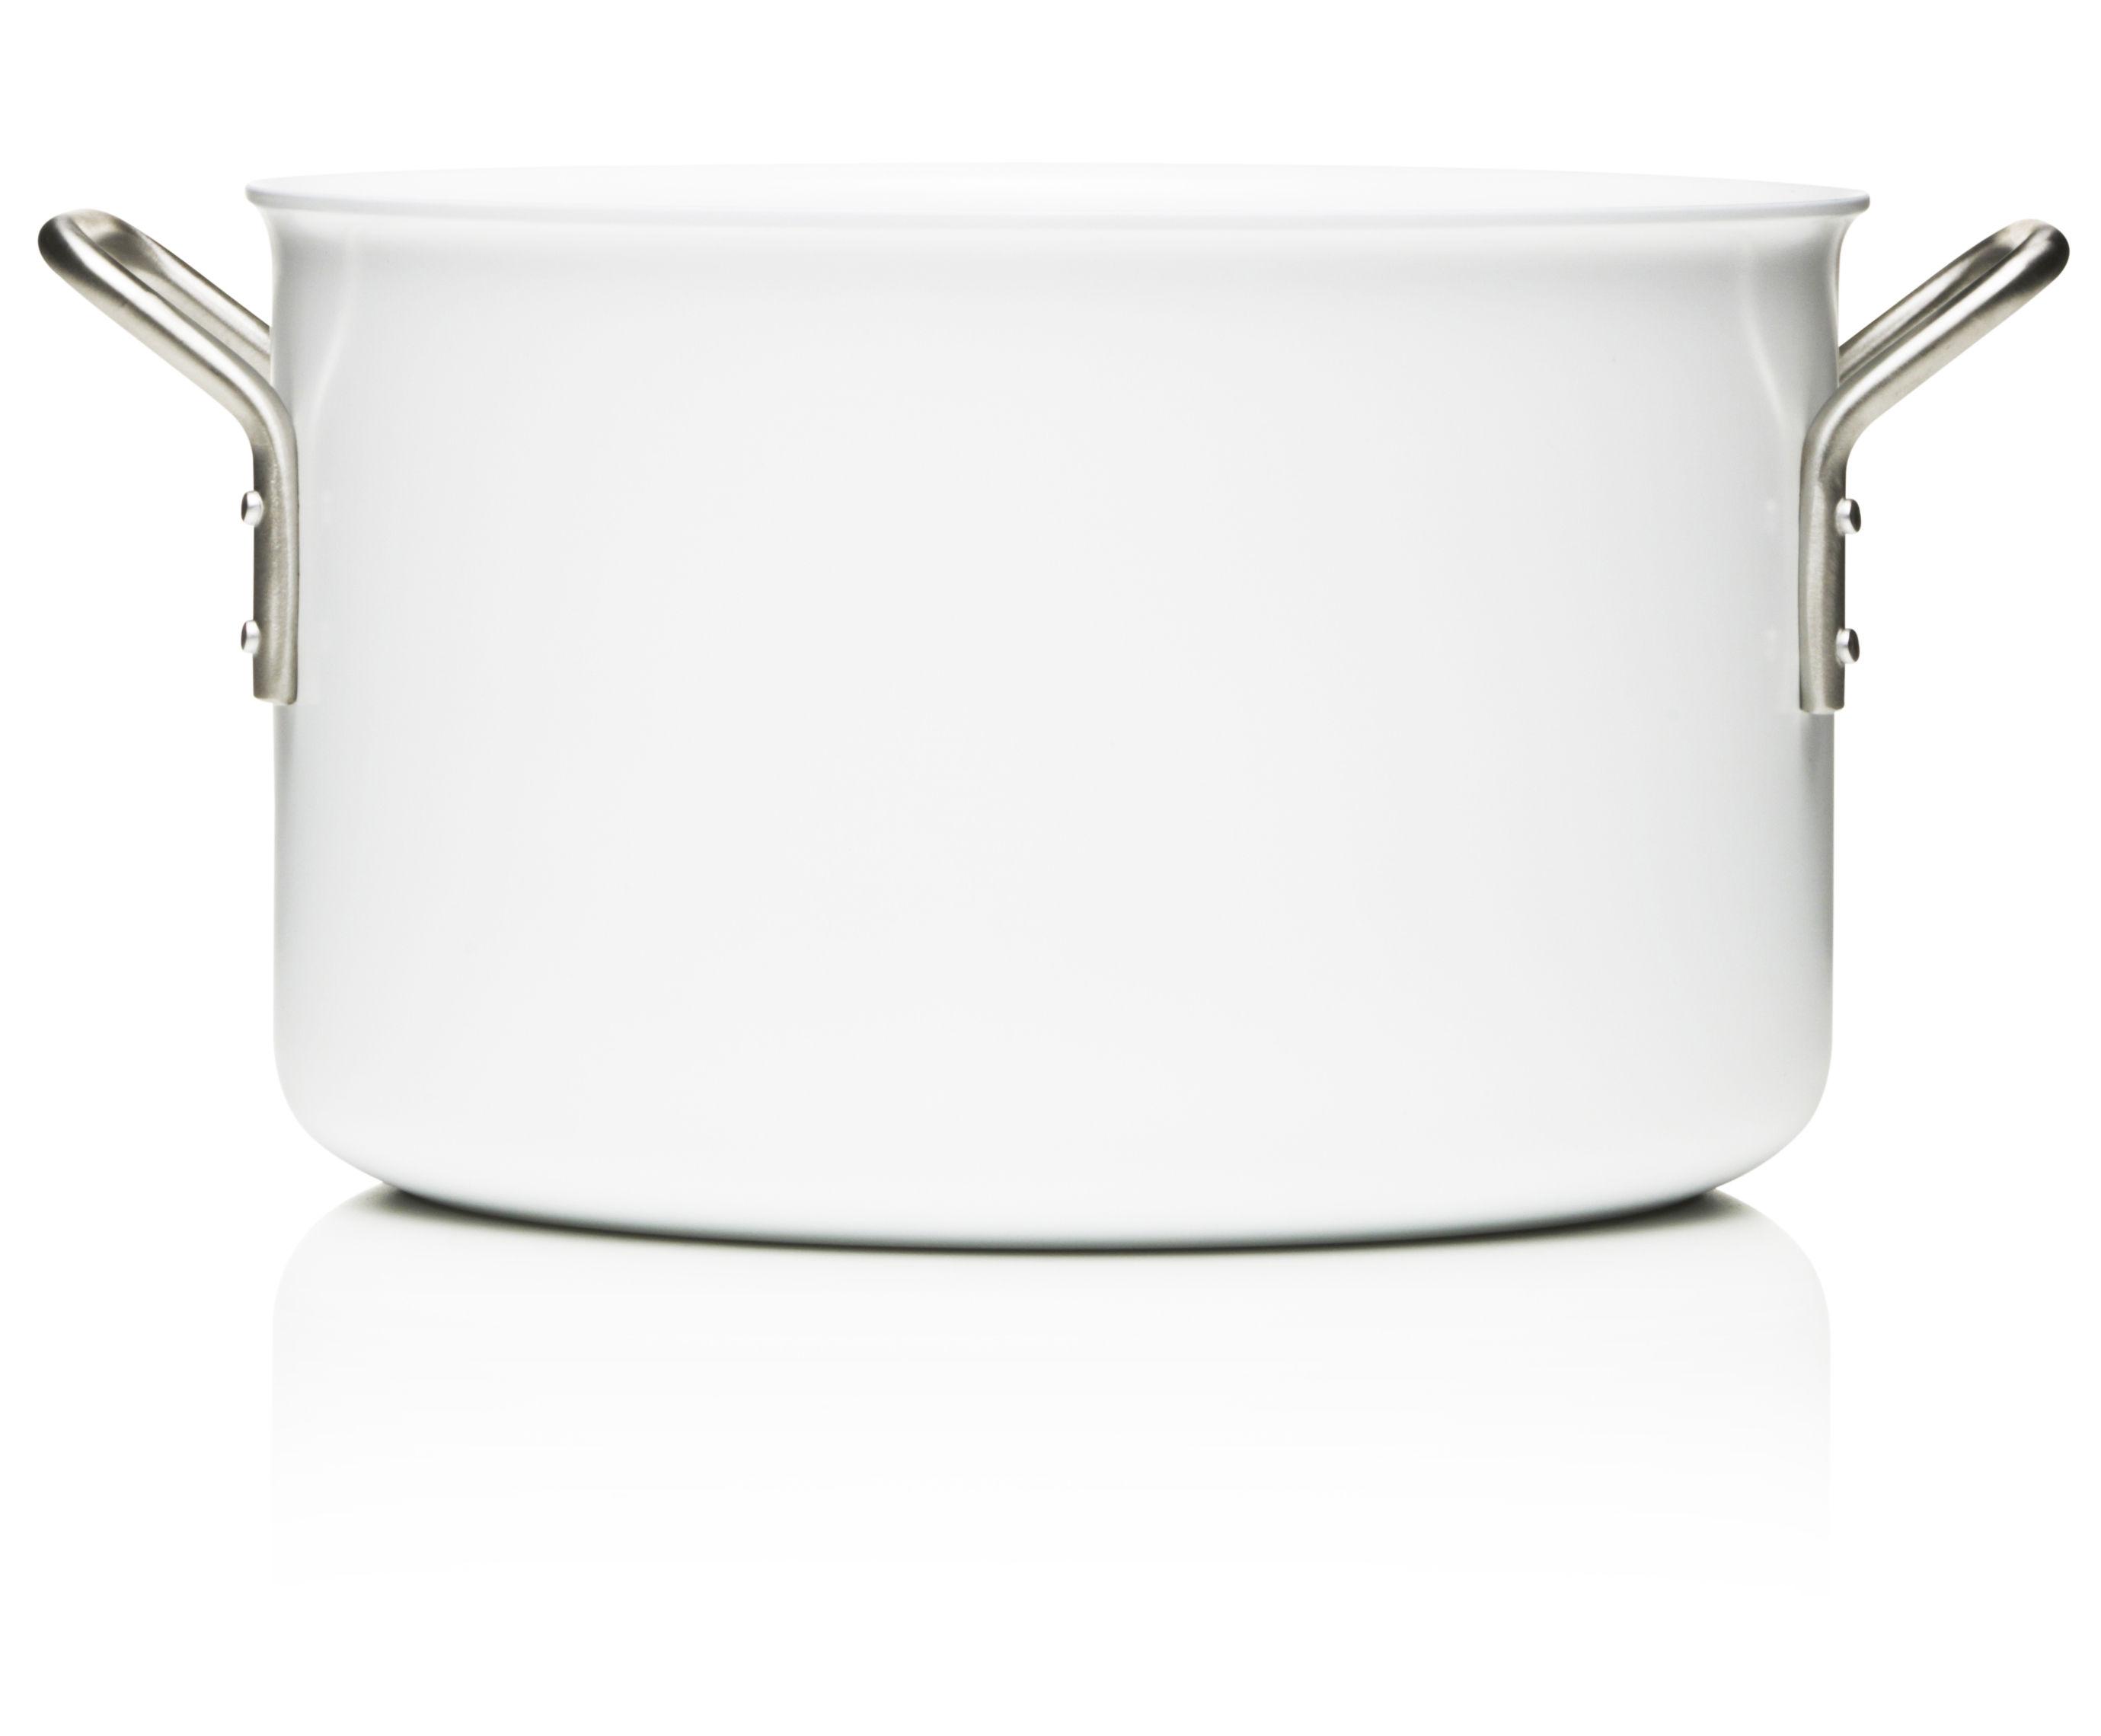 Cuisine - Casseroles, poêles, plats... - Faitout White Line / 7L - Eva Trio - Blanc - Acier inoxydable, Aluminium, Céramique